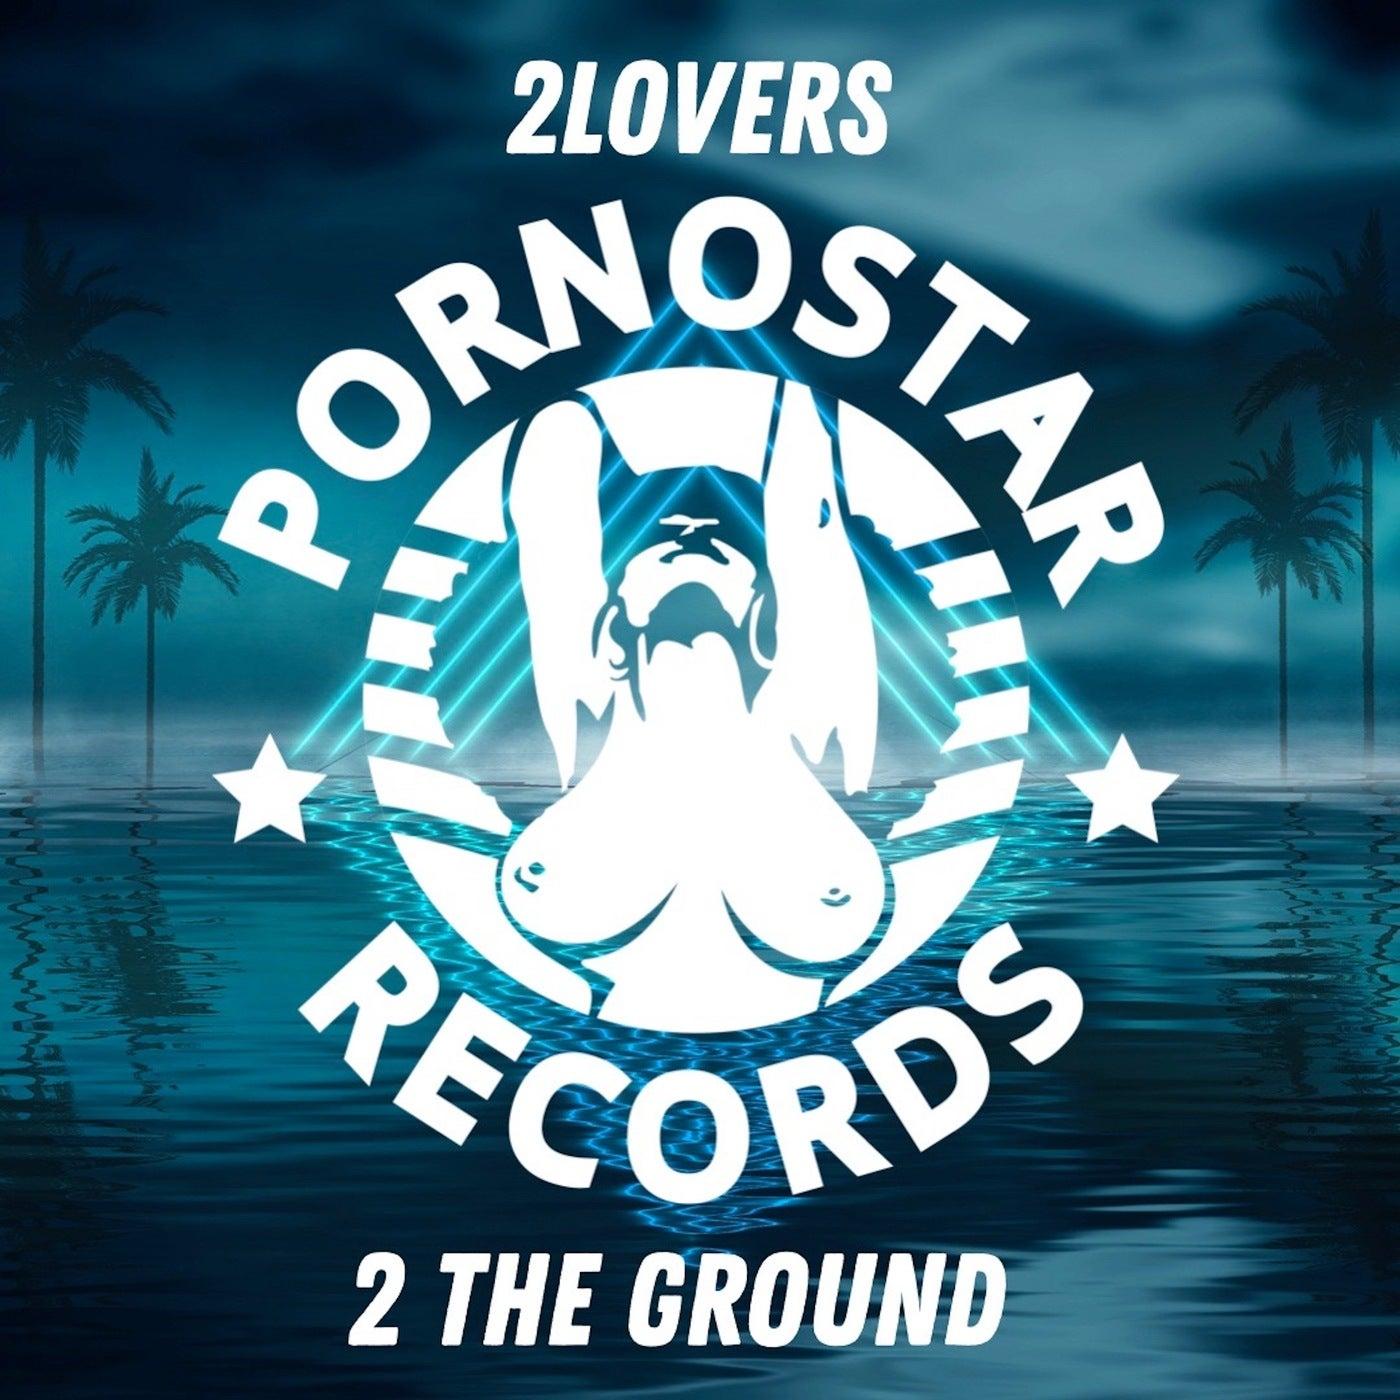 2 The Ground (Original Mix)